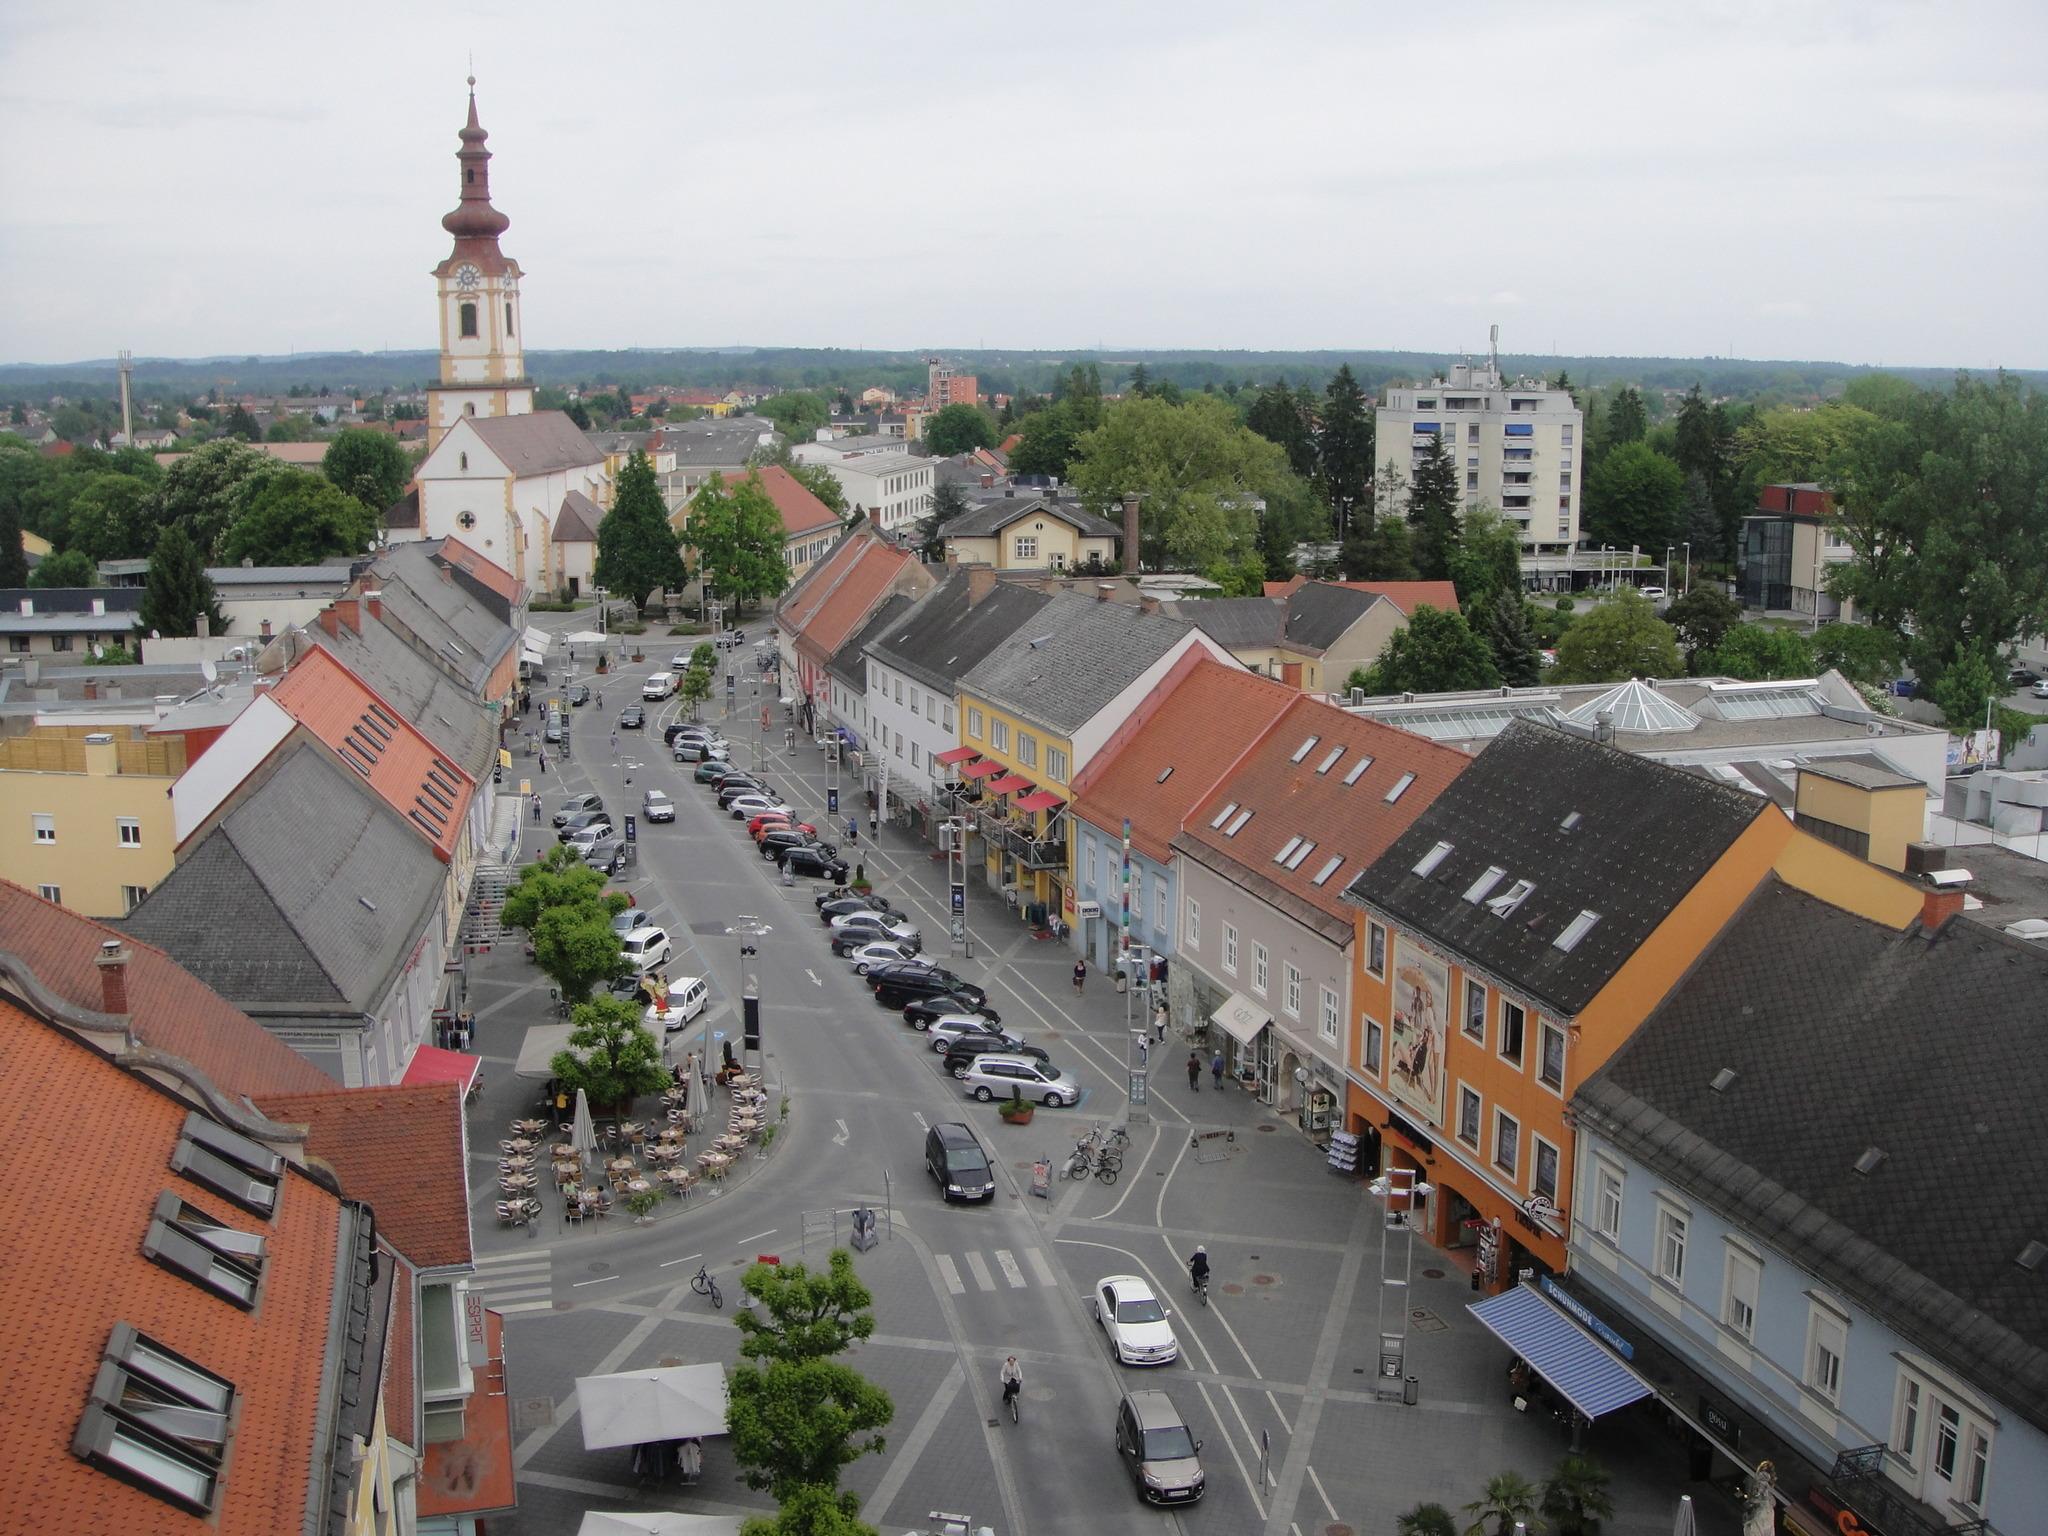 Grndung der SP Stadt-Frauenorganisation in Leibnitz